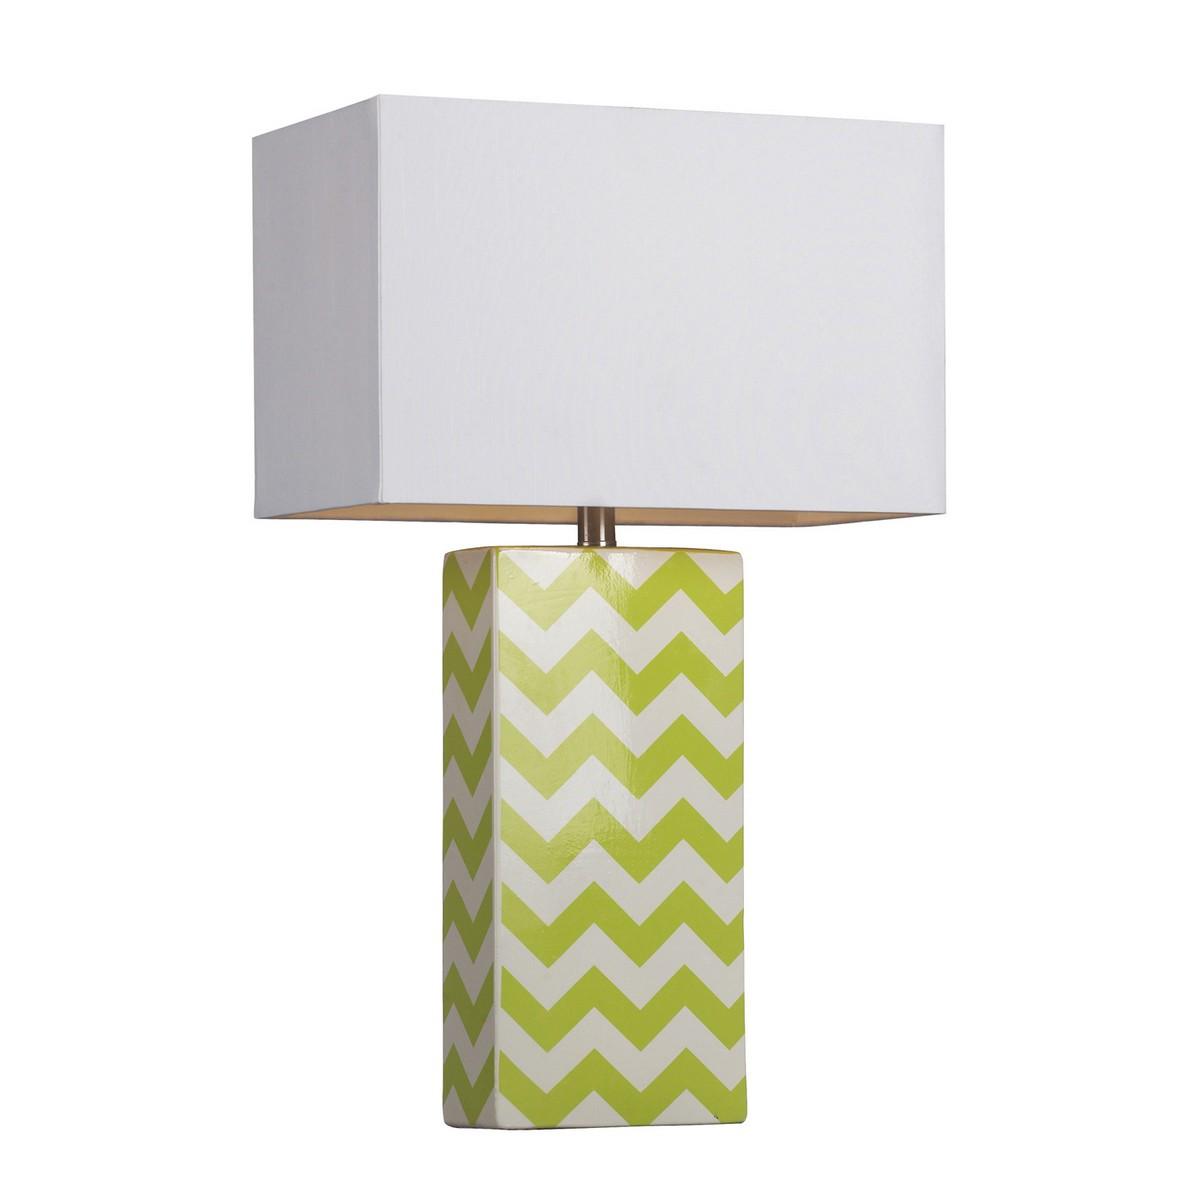 Elk Lighting D278 Table Lamp - Citrus Green/White Chevron